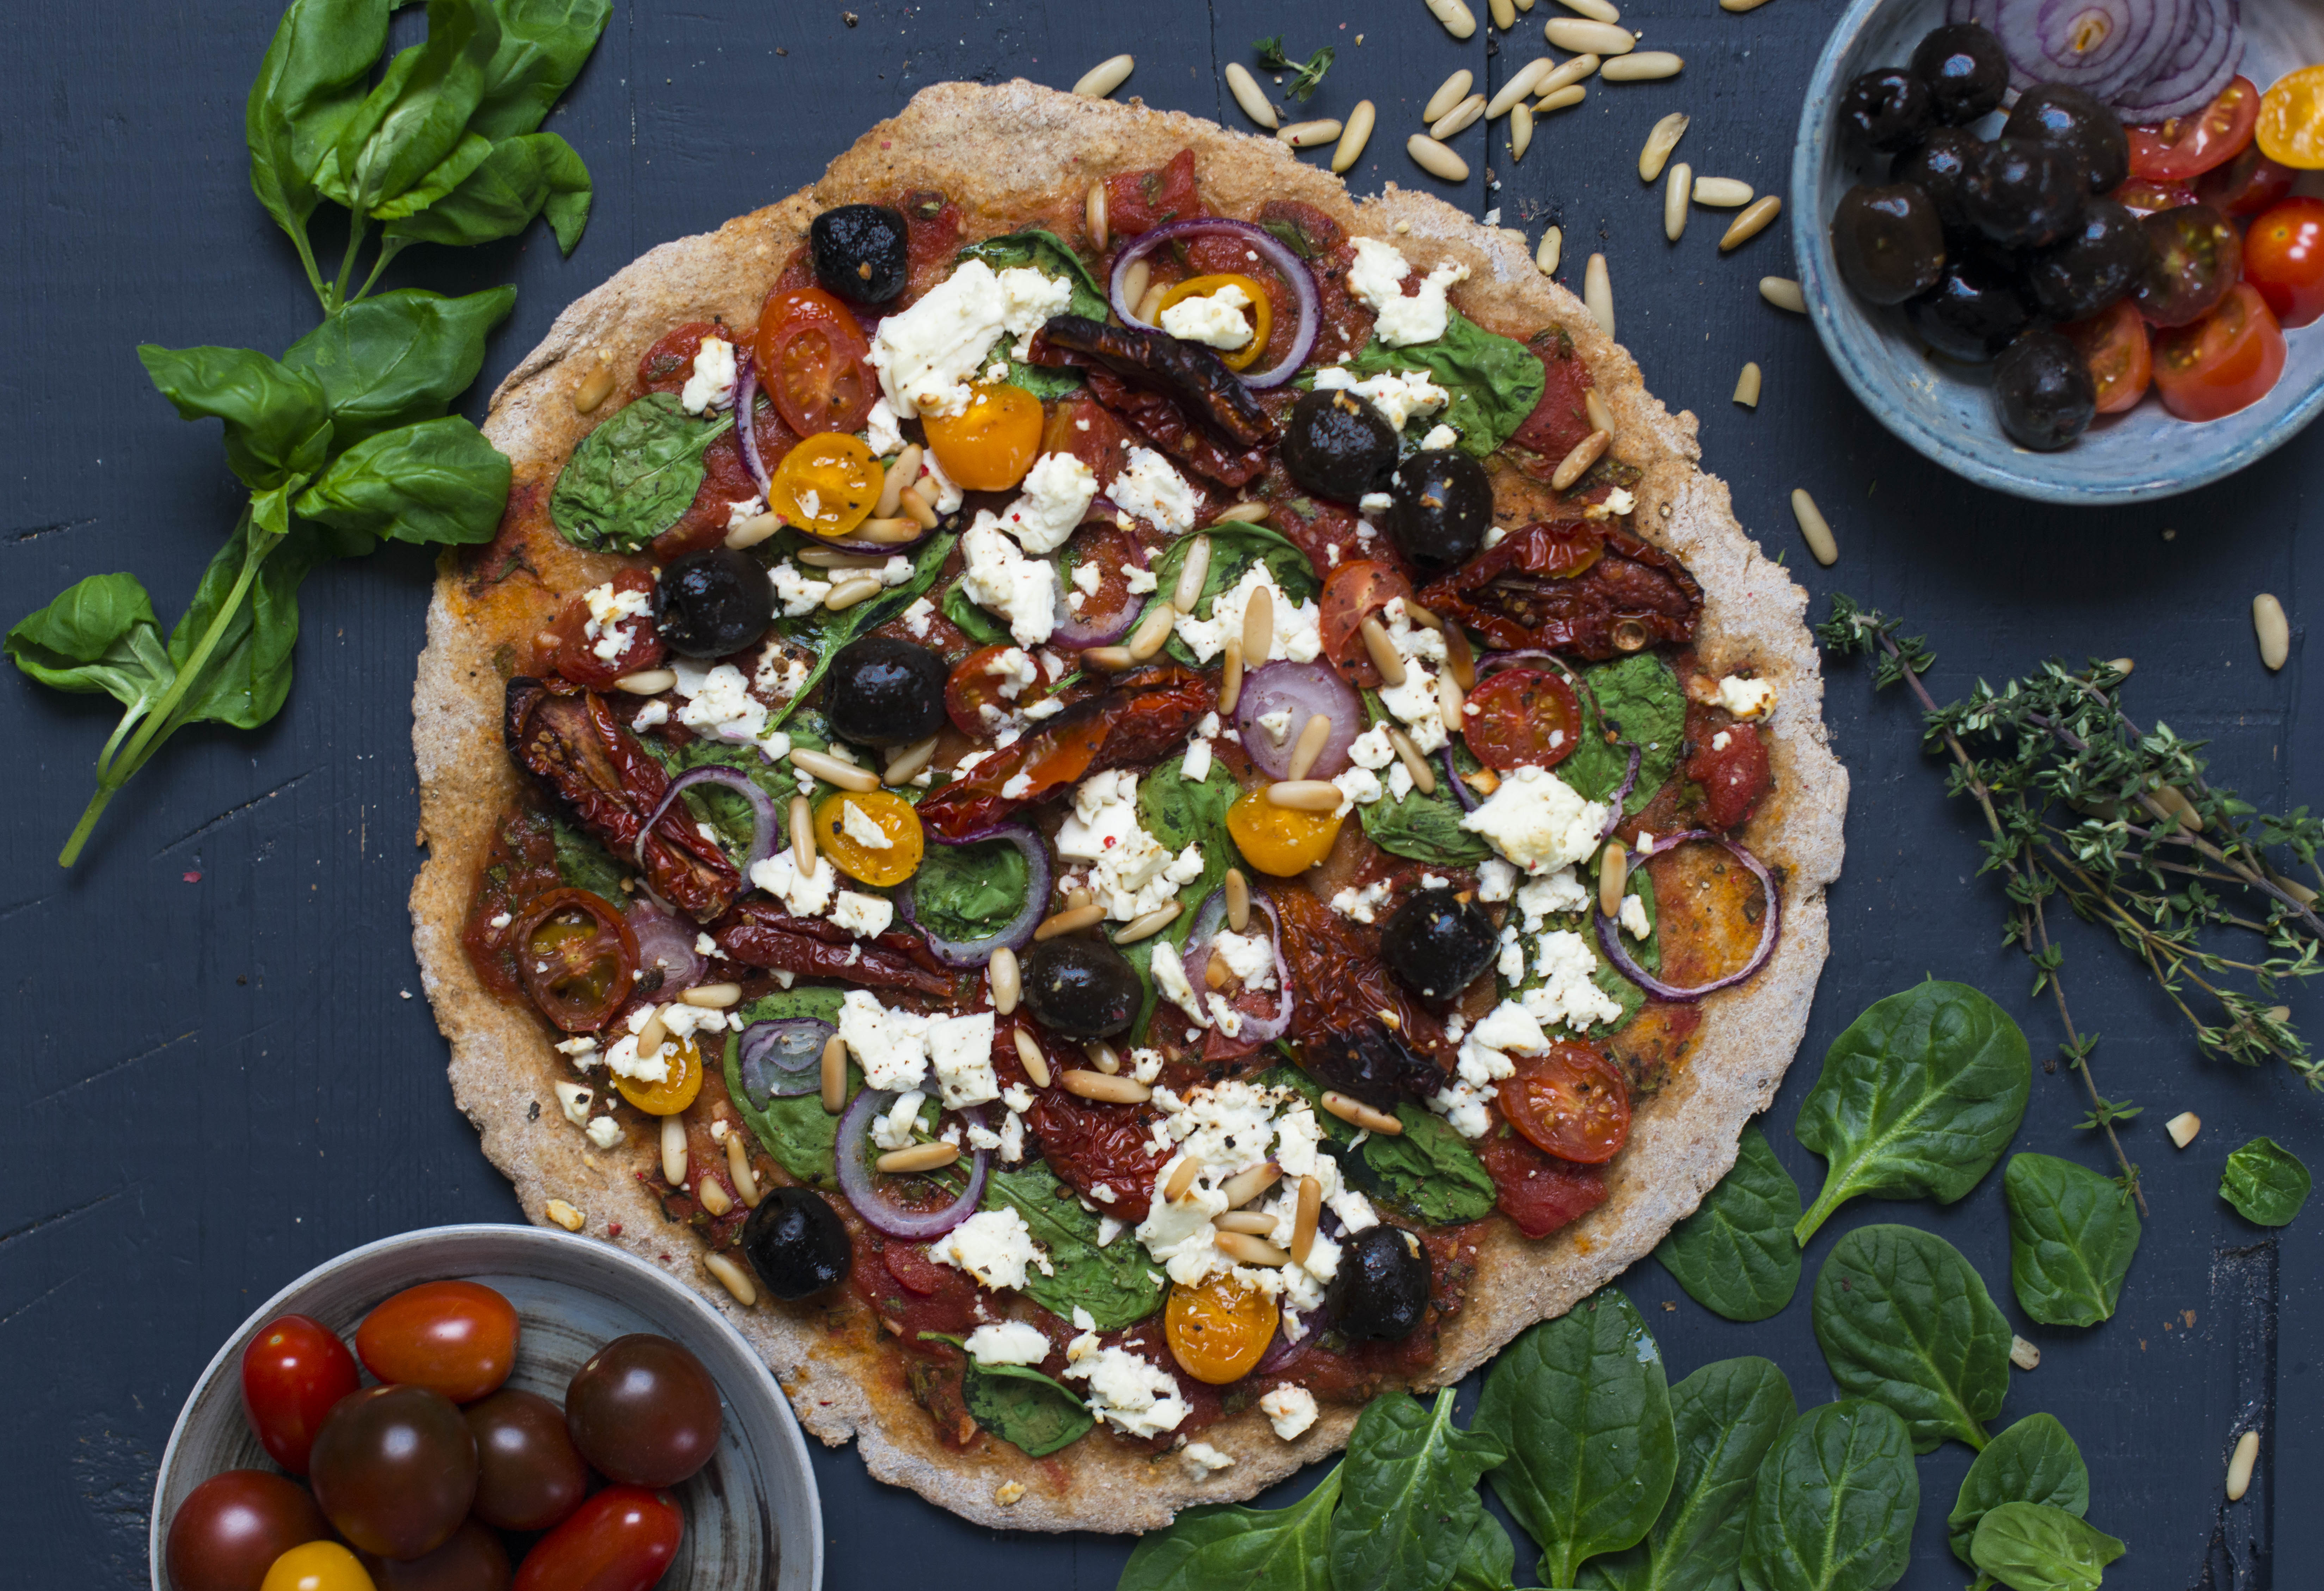 Vollkornpizza mit Spinat, Feta und getrockneten Tomaten